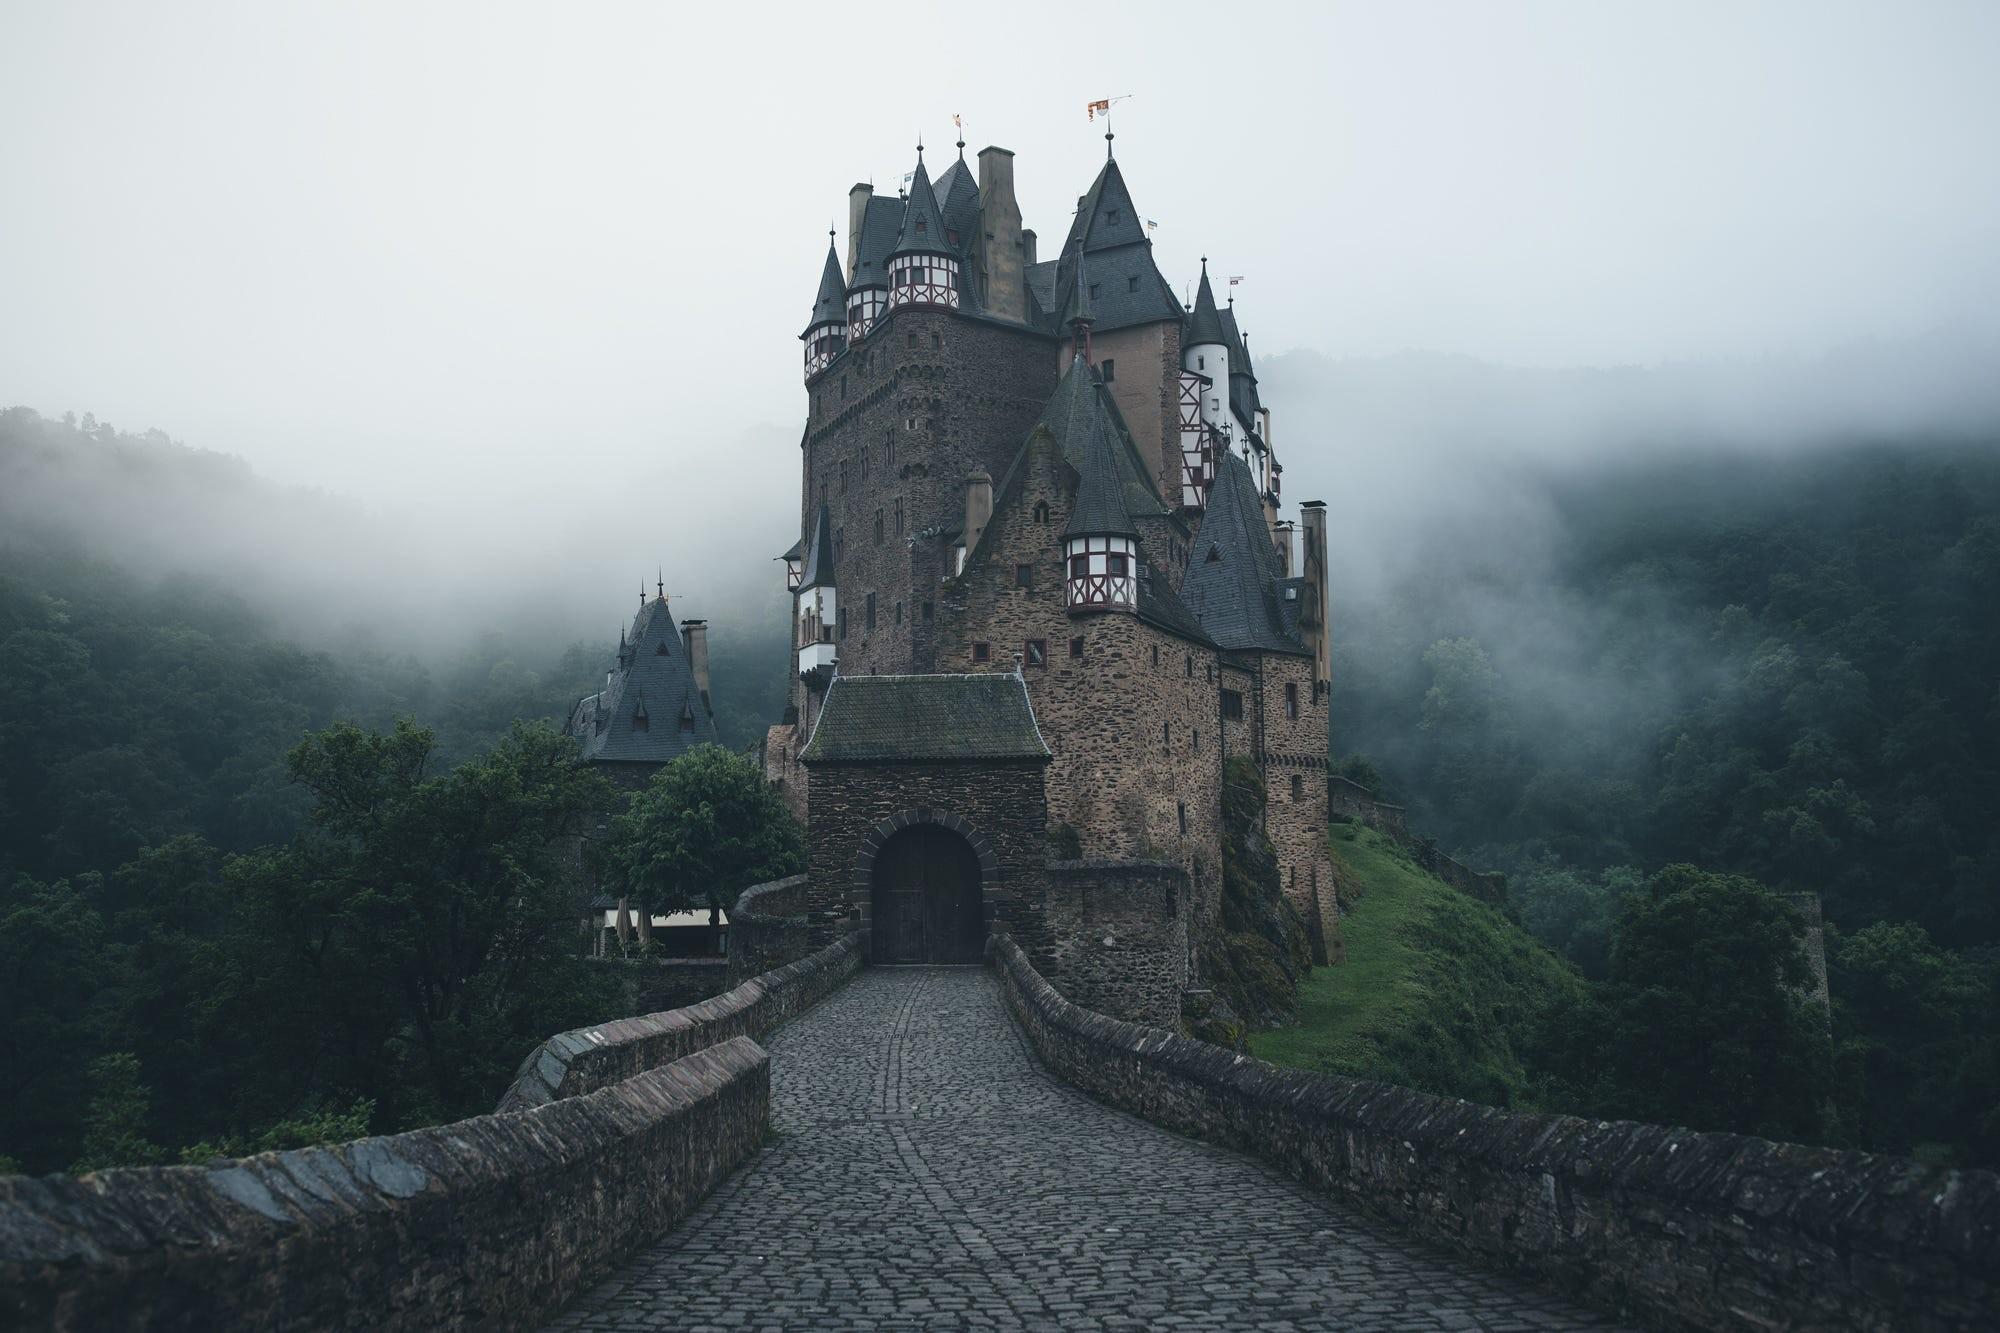 фото на аву замок в горах настройки, необходимые